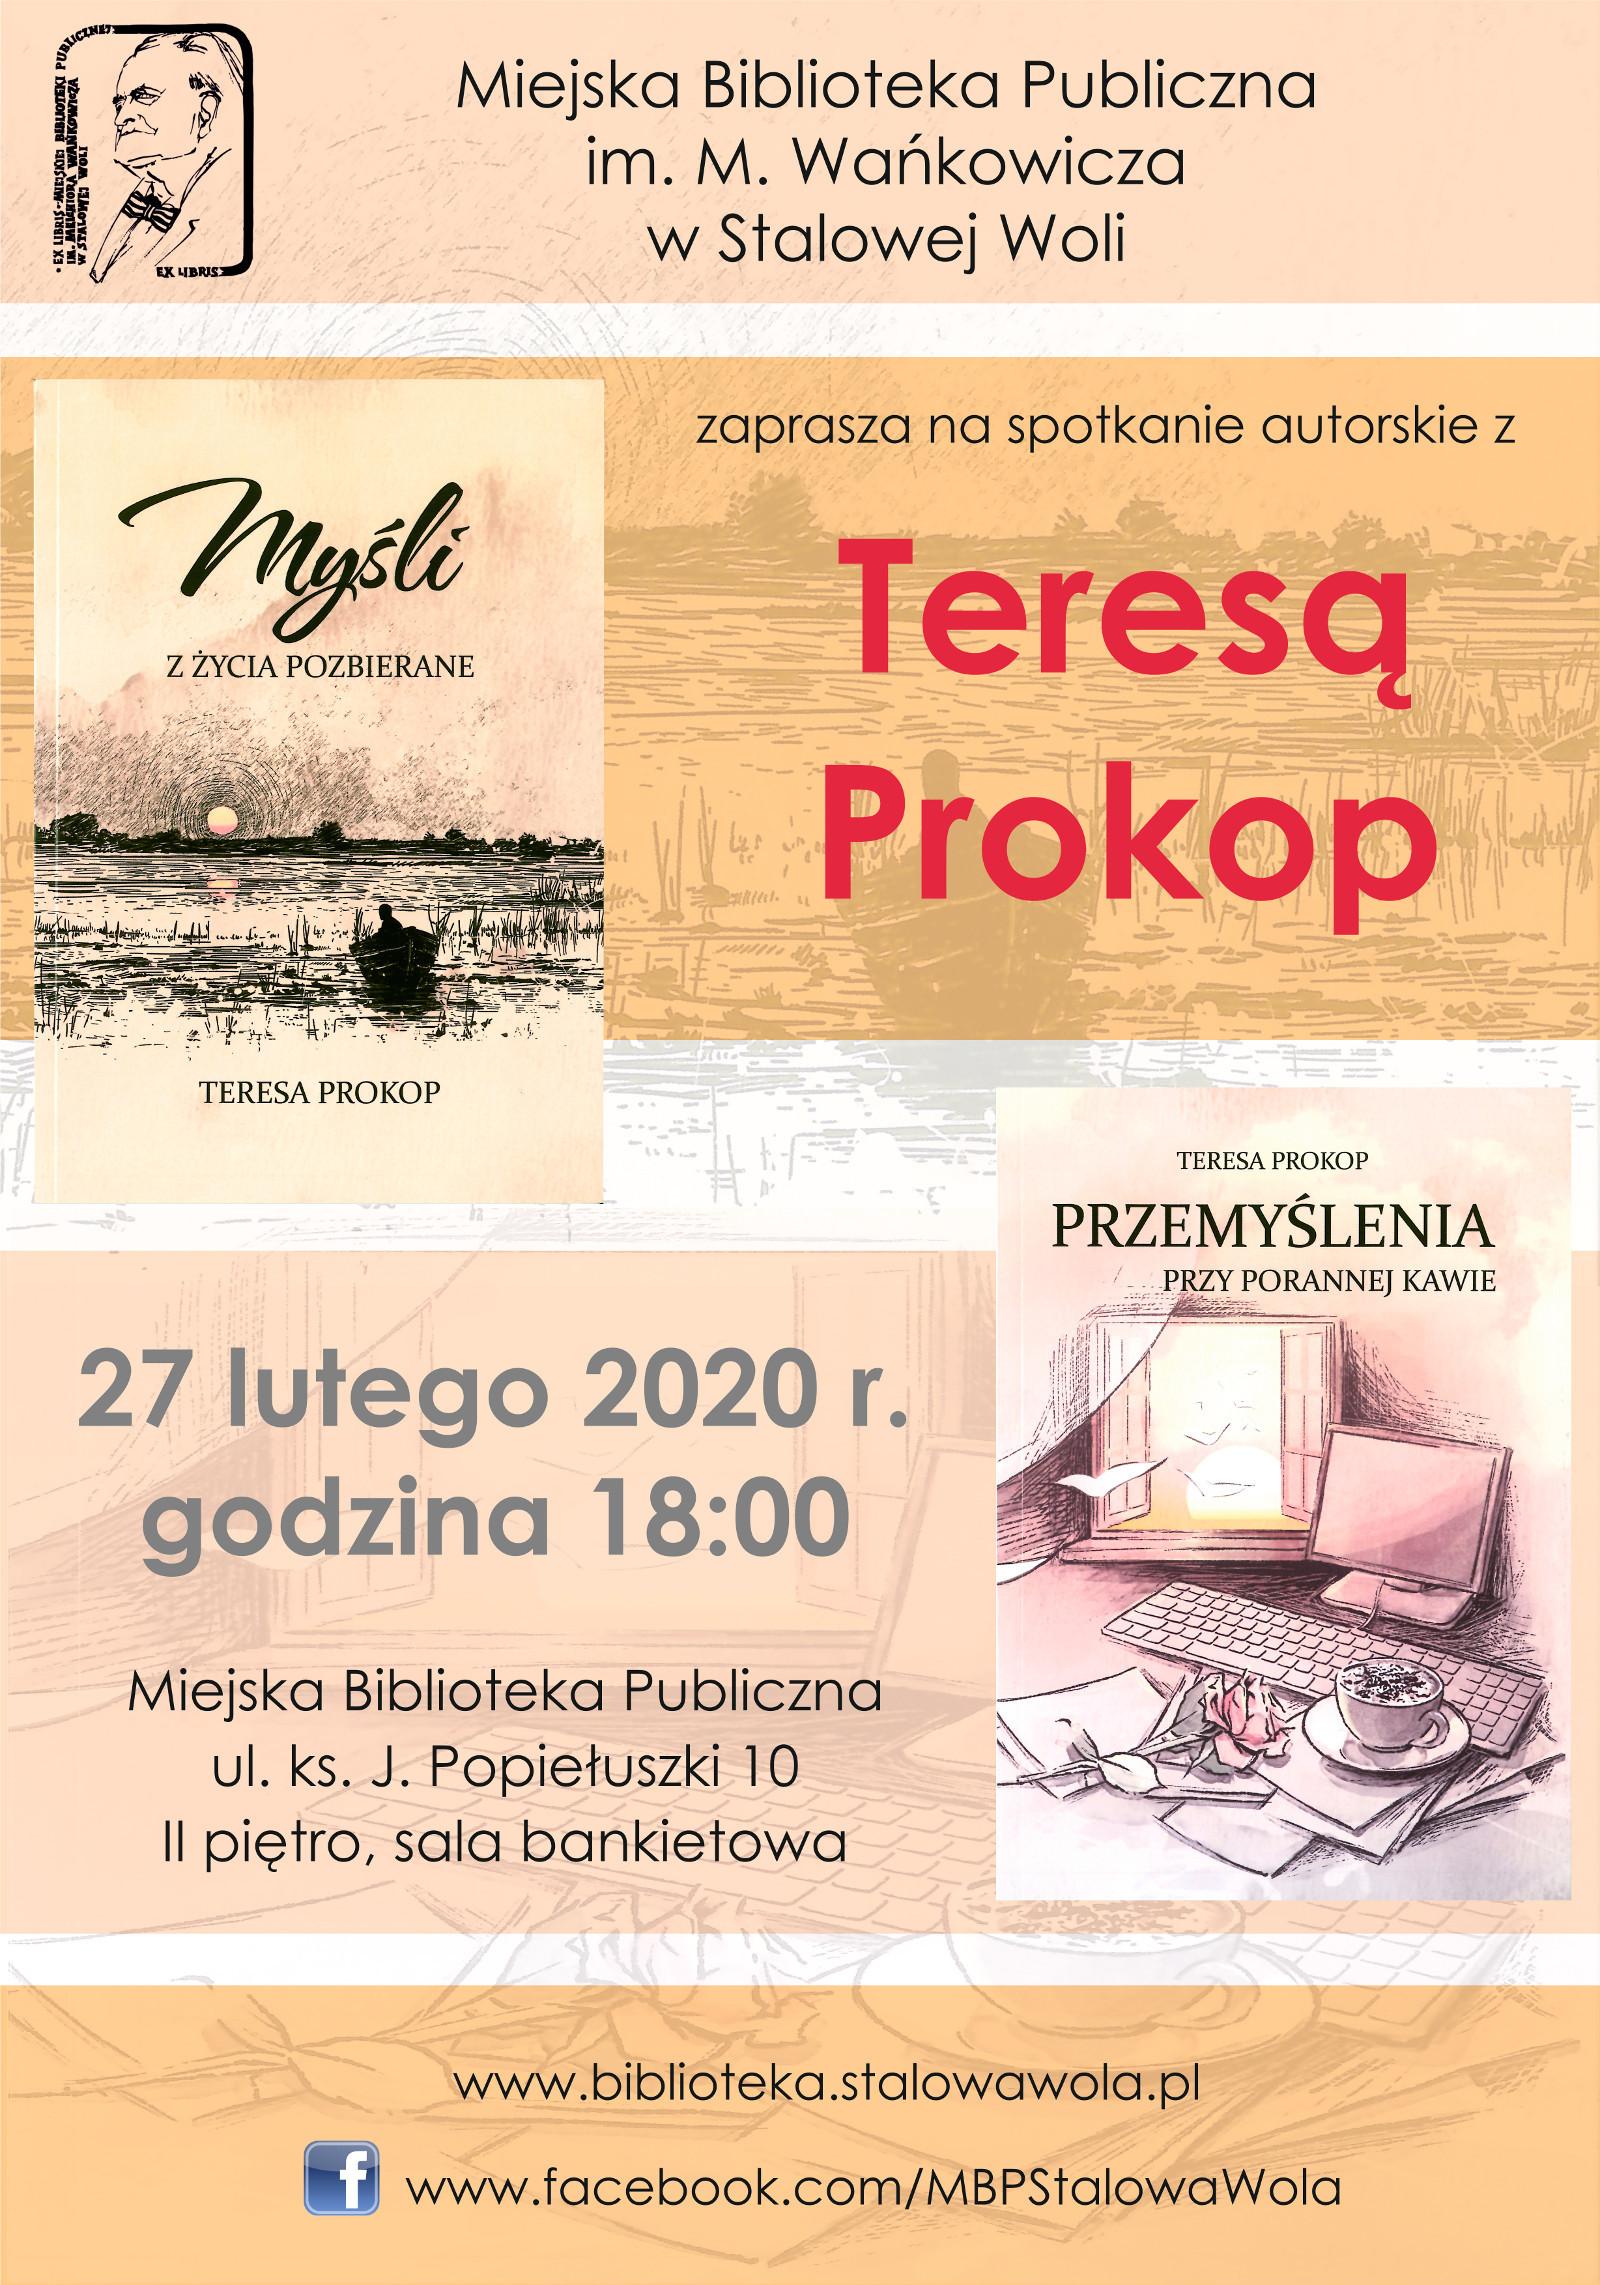 Wieczór z poezją Teresy Prokop